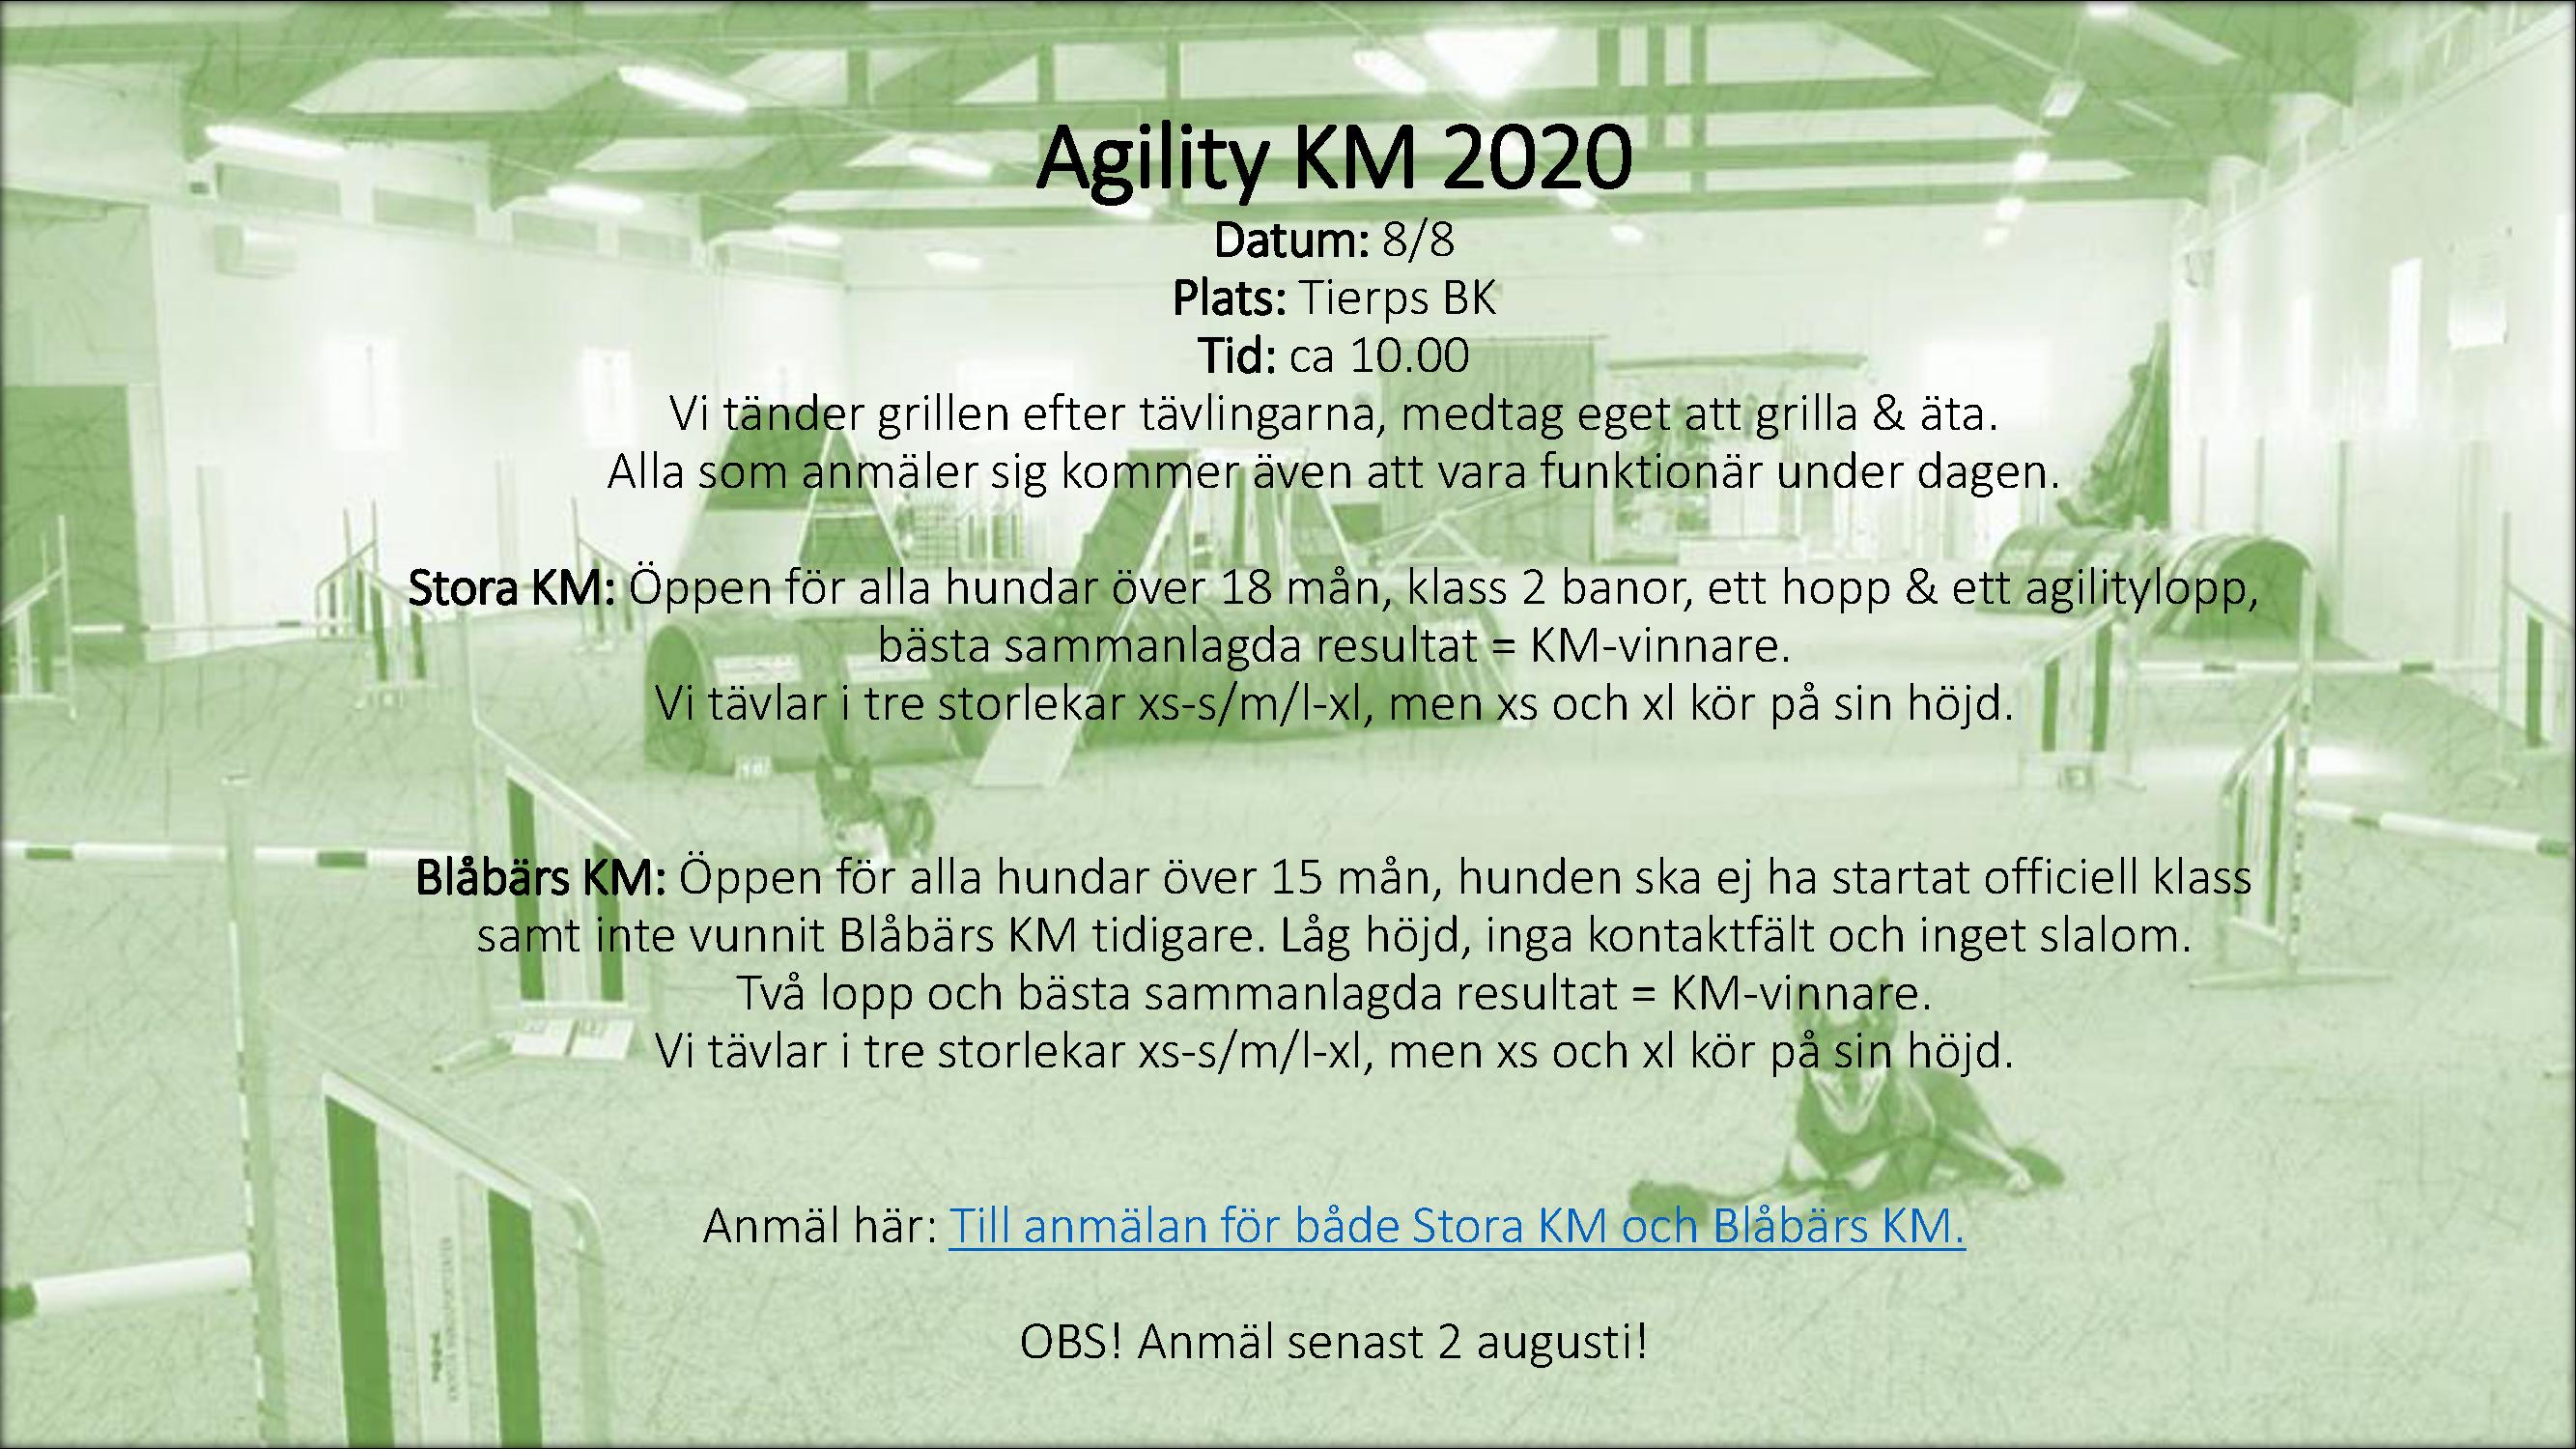 Agility KM 2020